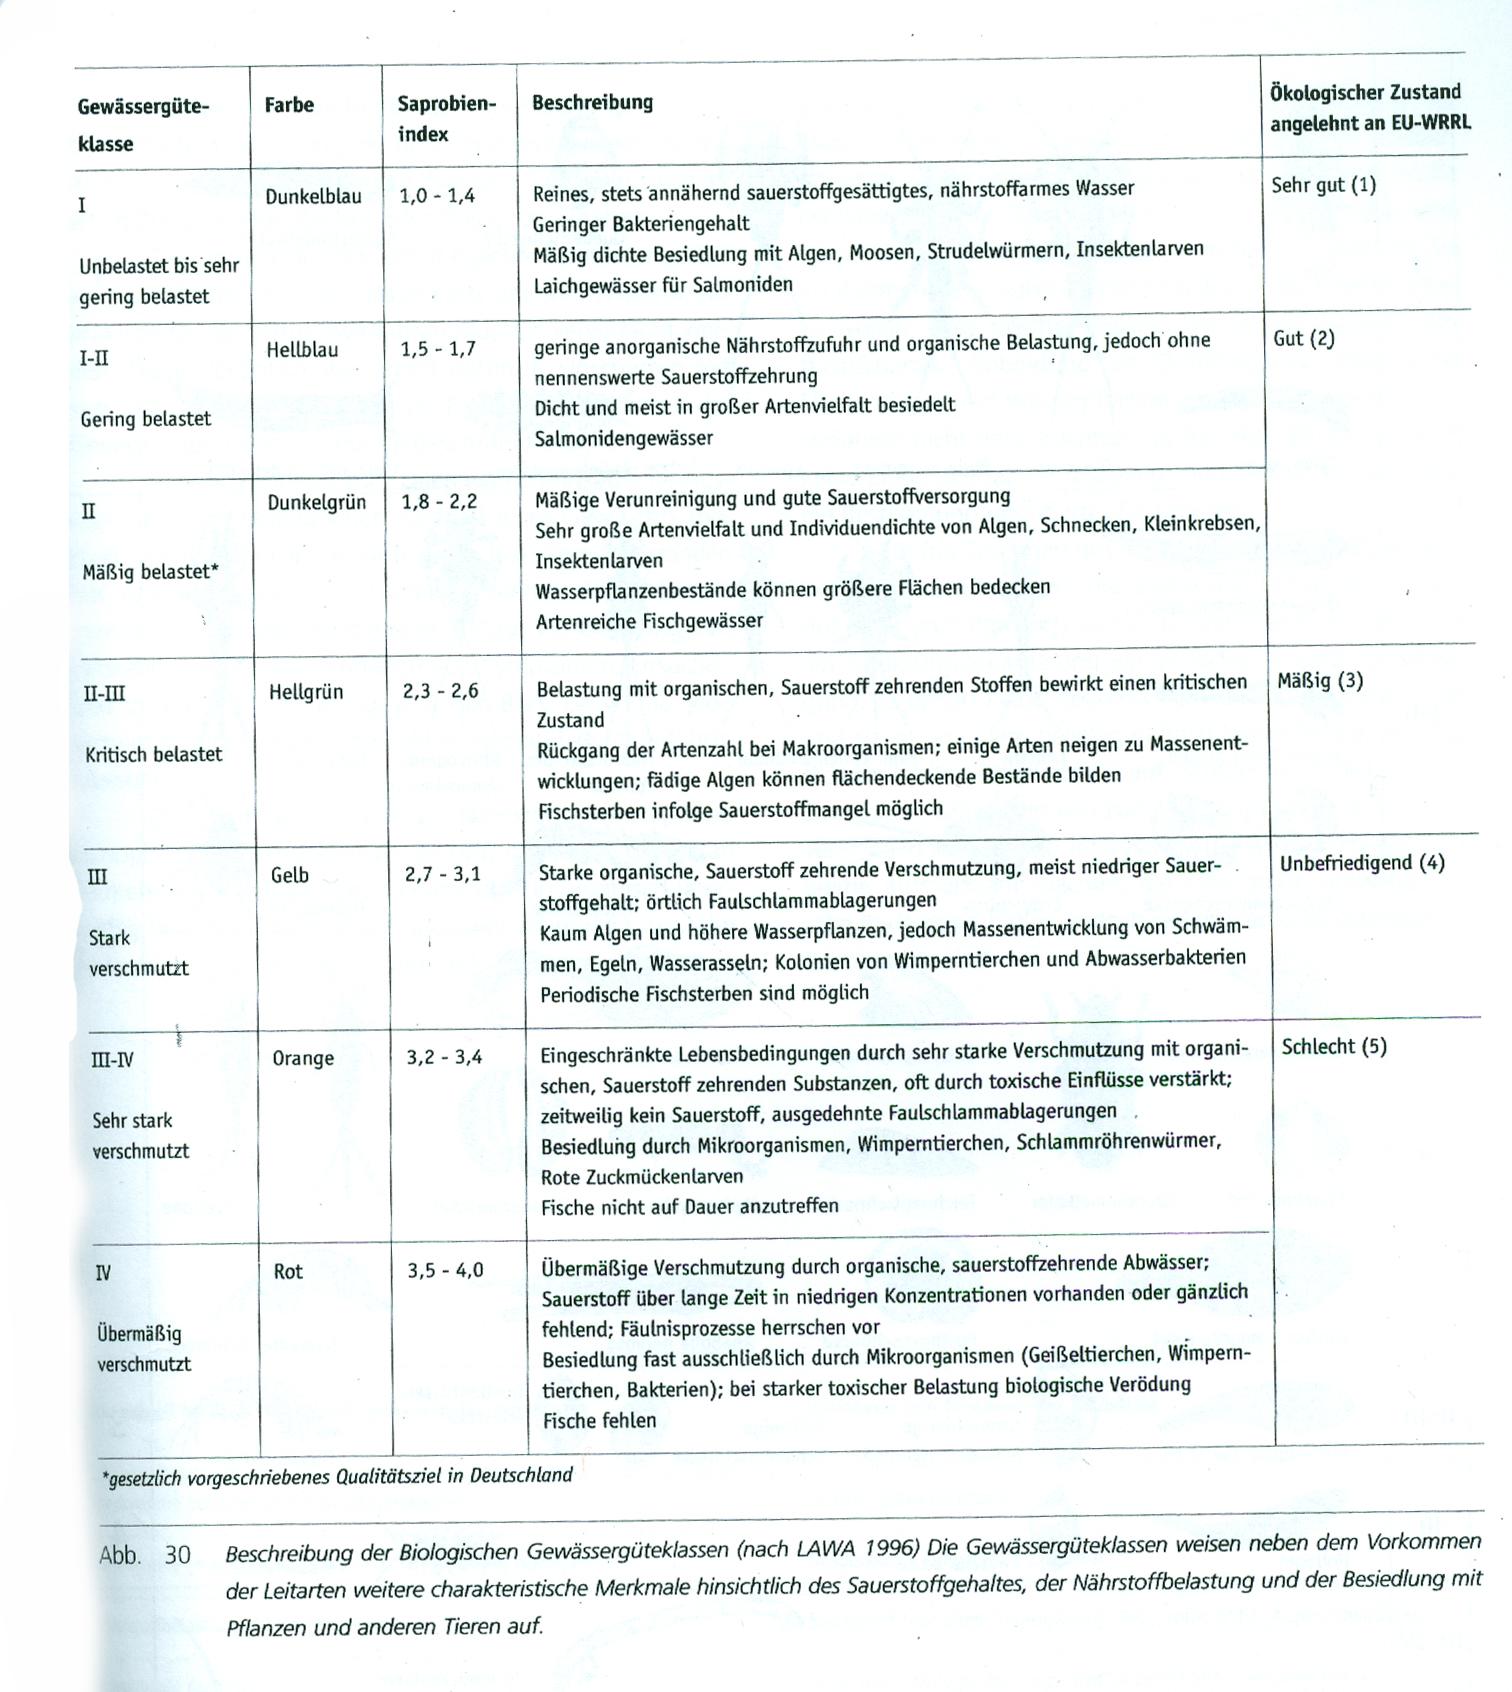 Gewässergüteklassen (aus Graw, M. (2001): Ökologische Bewertung von Fließgewässern. VDG Bd.64